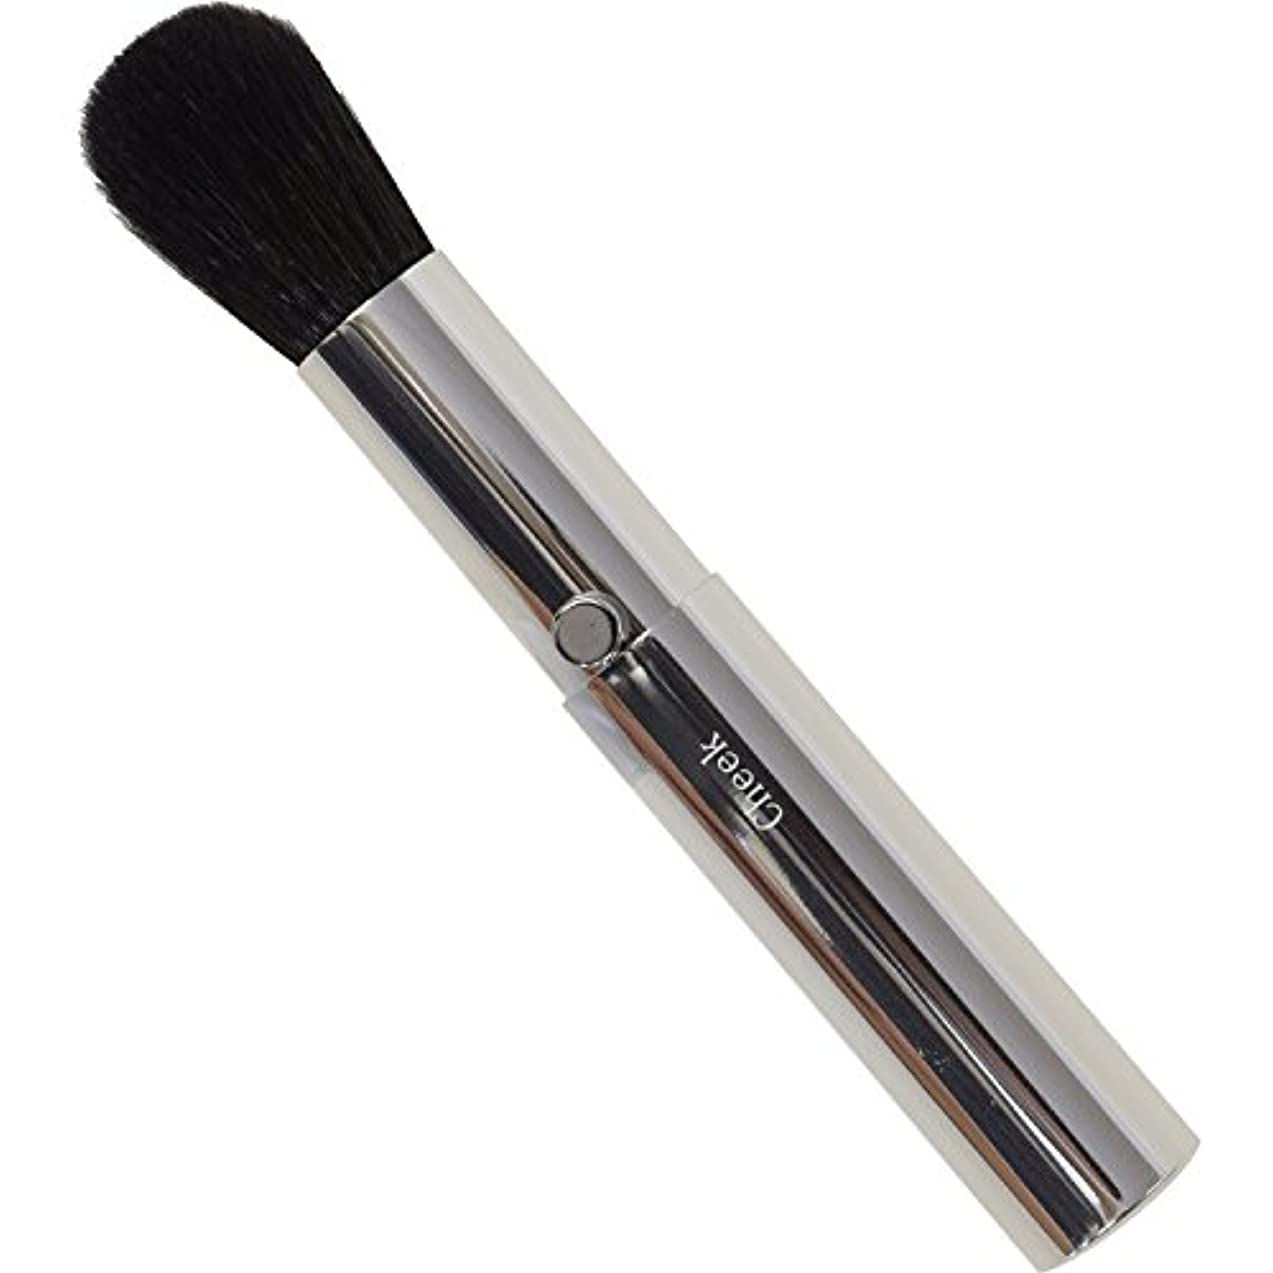 ペン七面鳥早熟SSS-C2 六角館さくら堂 スタイリッシュシンプルチークブラシ 粗光峰100% 高品質のスライドタイプ化粧筆